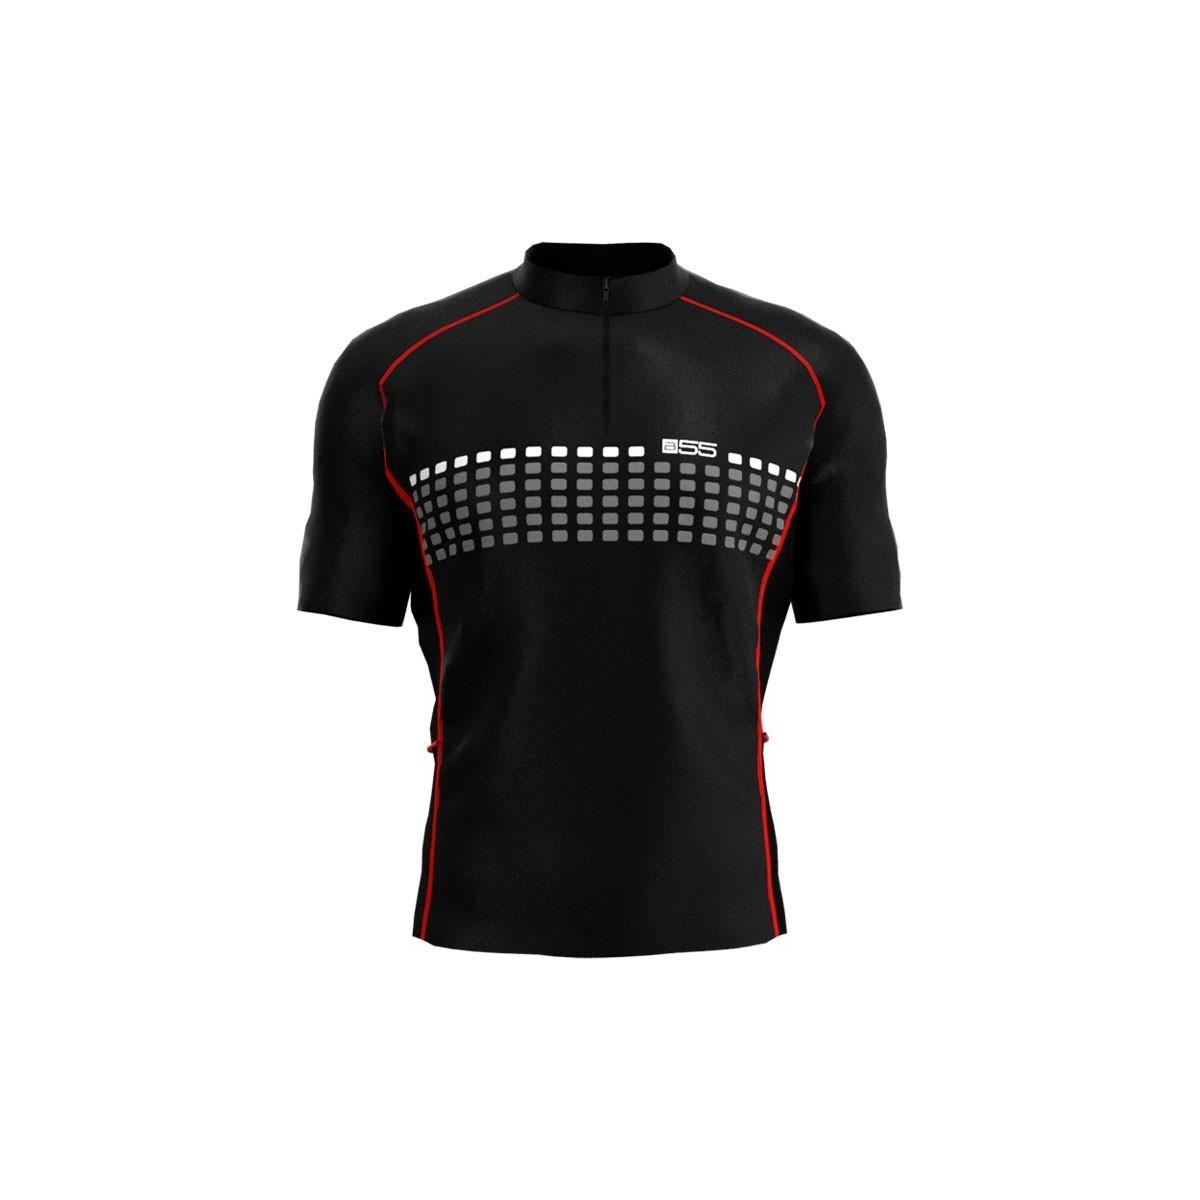 777619a5419 Camiseta de Trail personalizada para club o equipos